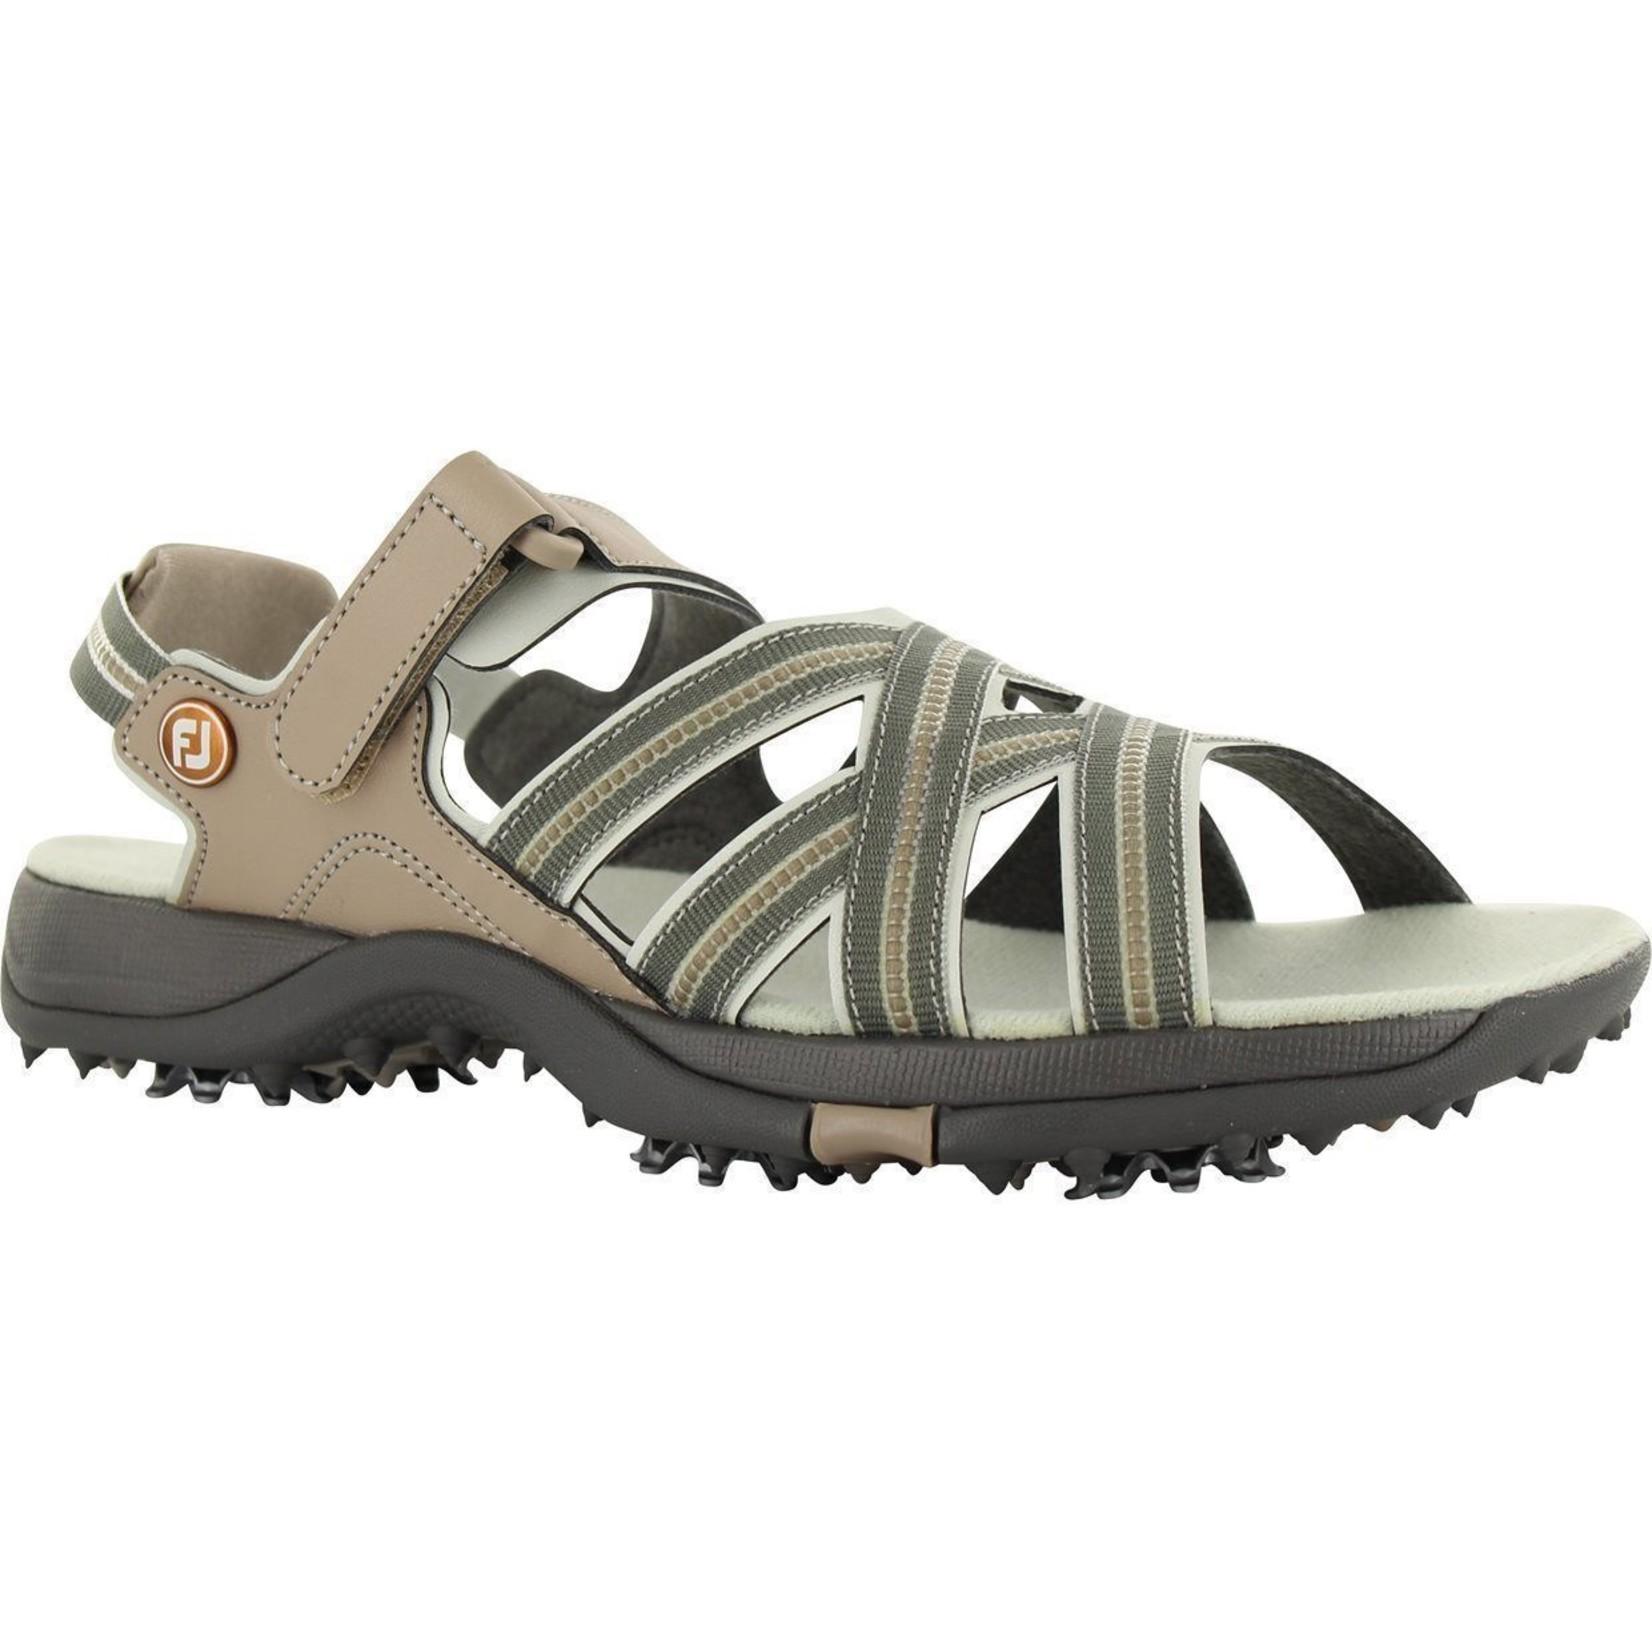 Footjoy FJ Spclty Sandal Wmn's